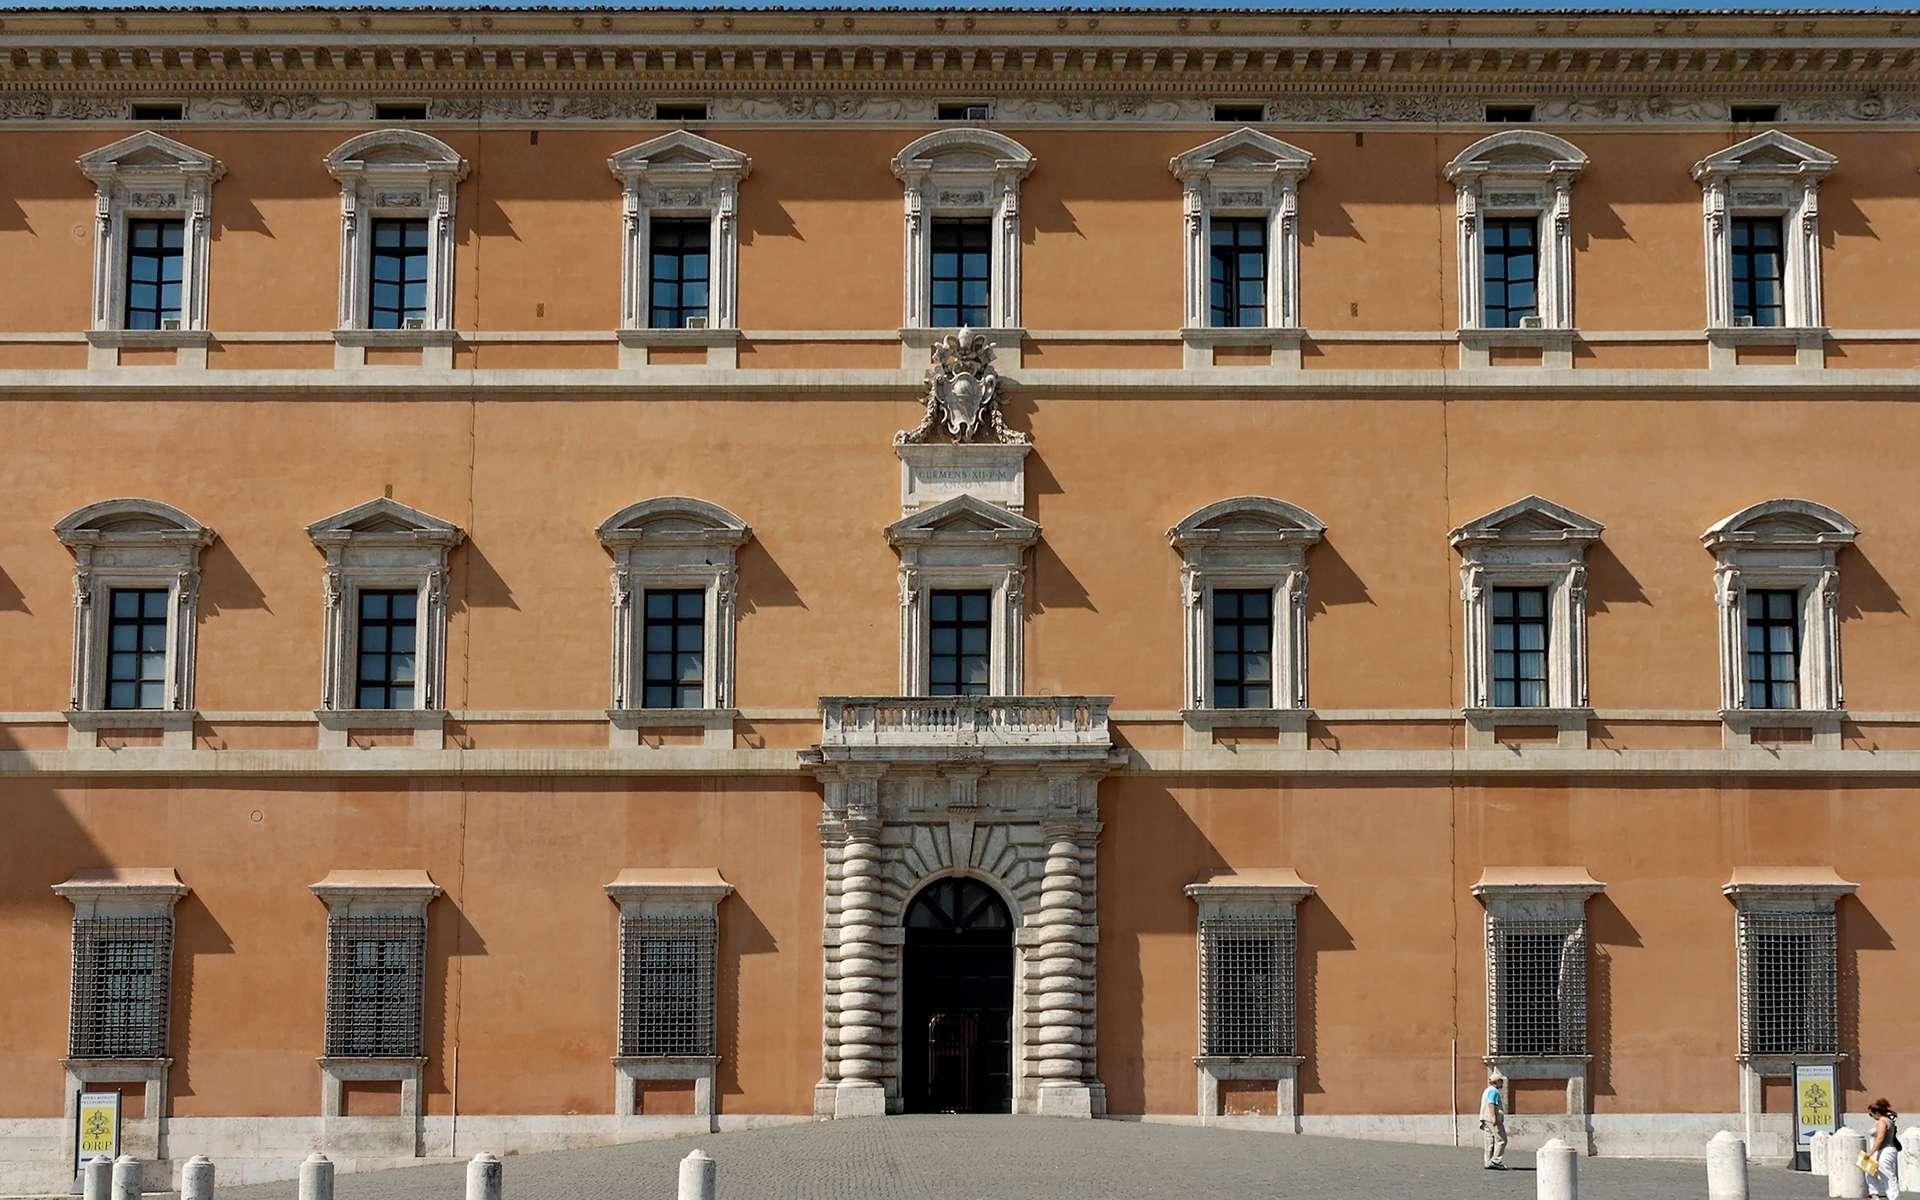 Le mur de façade désigne le mur extérieur d'un édifice. © Jastrow, CC BY-SA 2.5, Wikimedia Commons